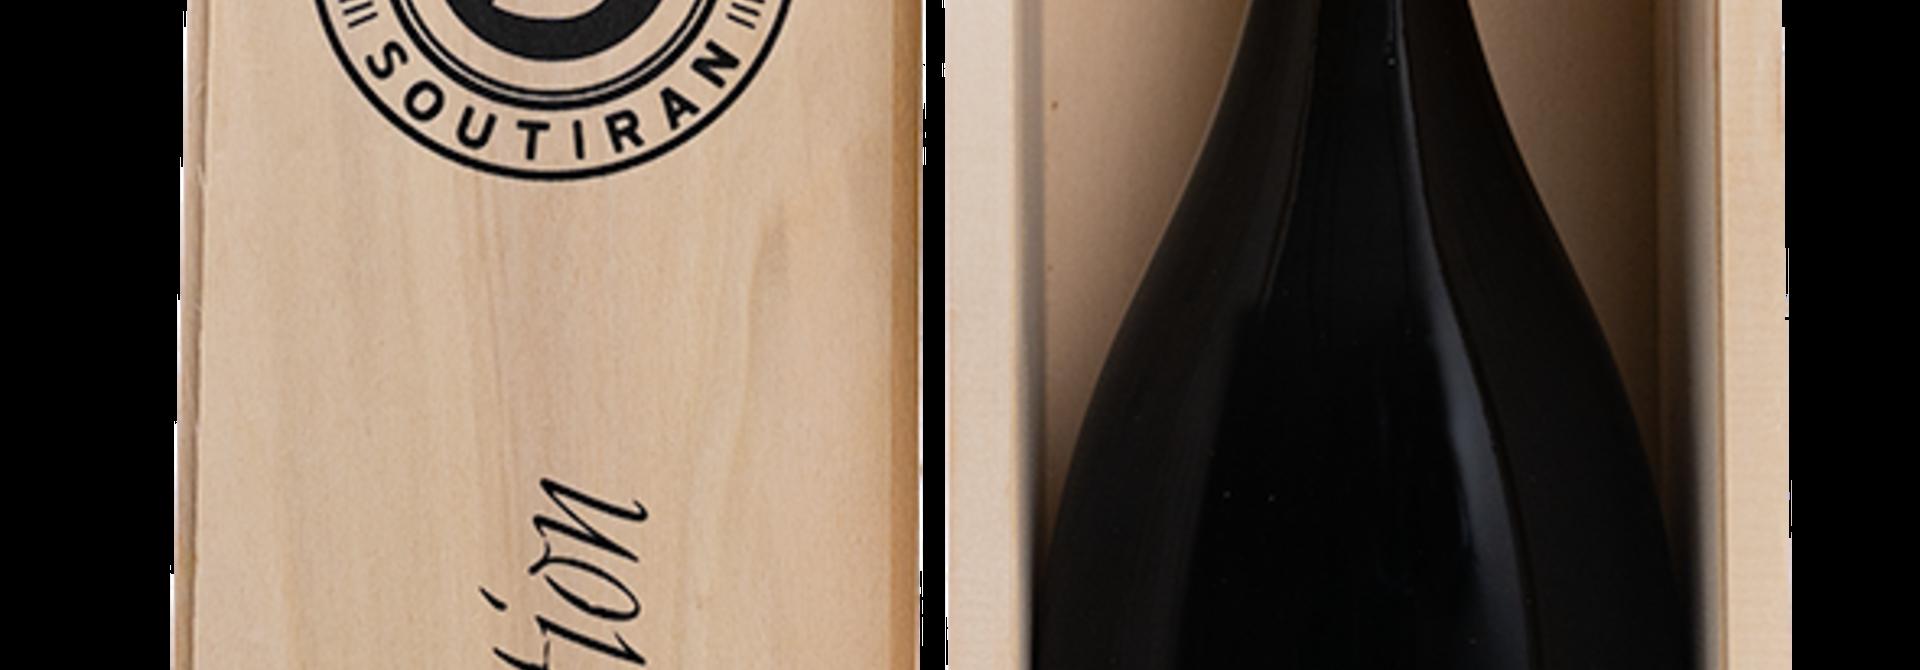 Soutiran Cuvee Collection Privee Grand Cru Brut Magnum